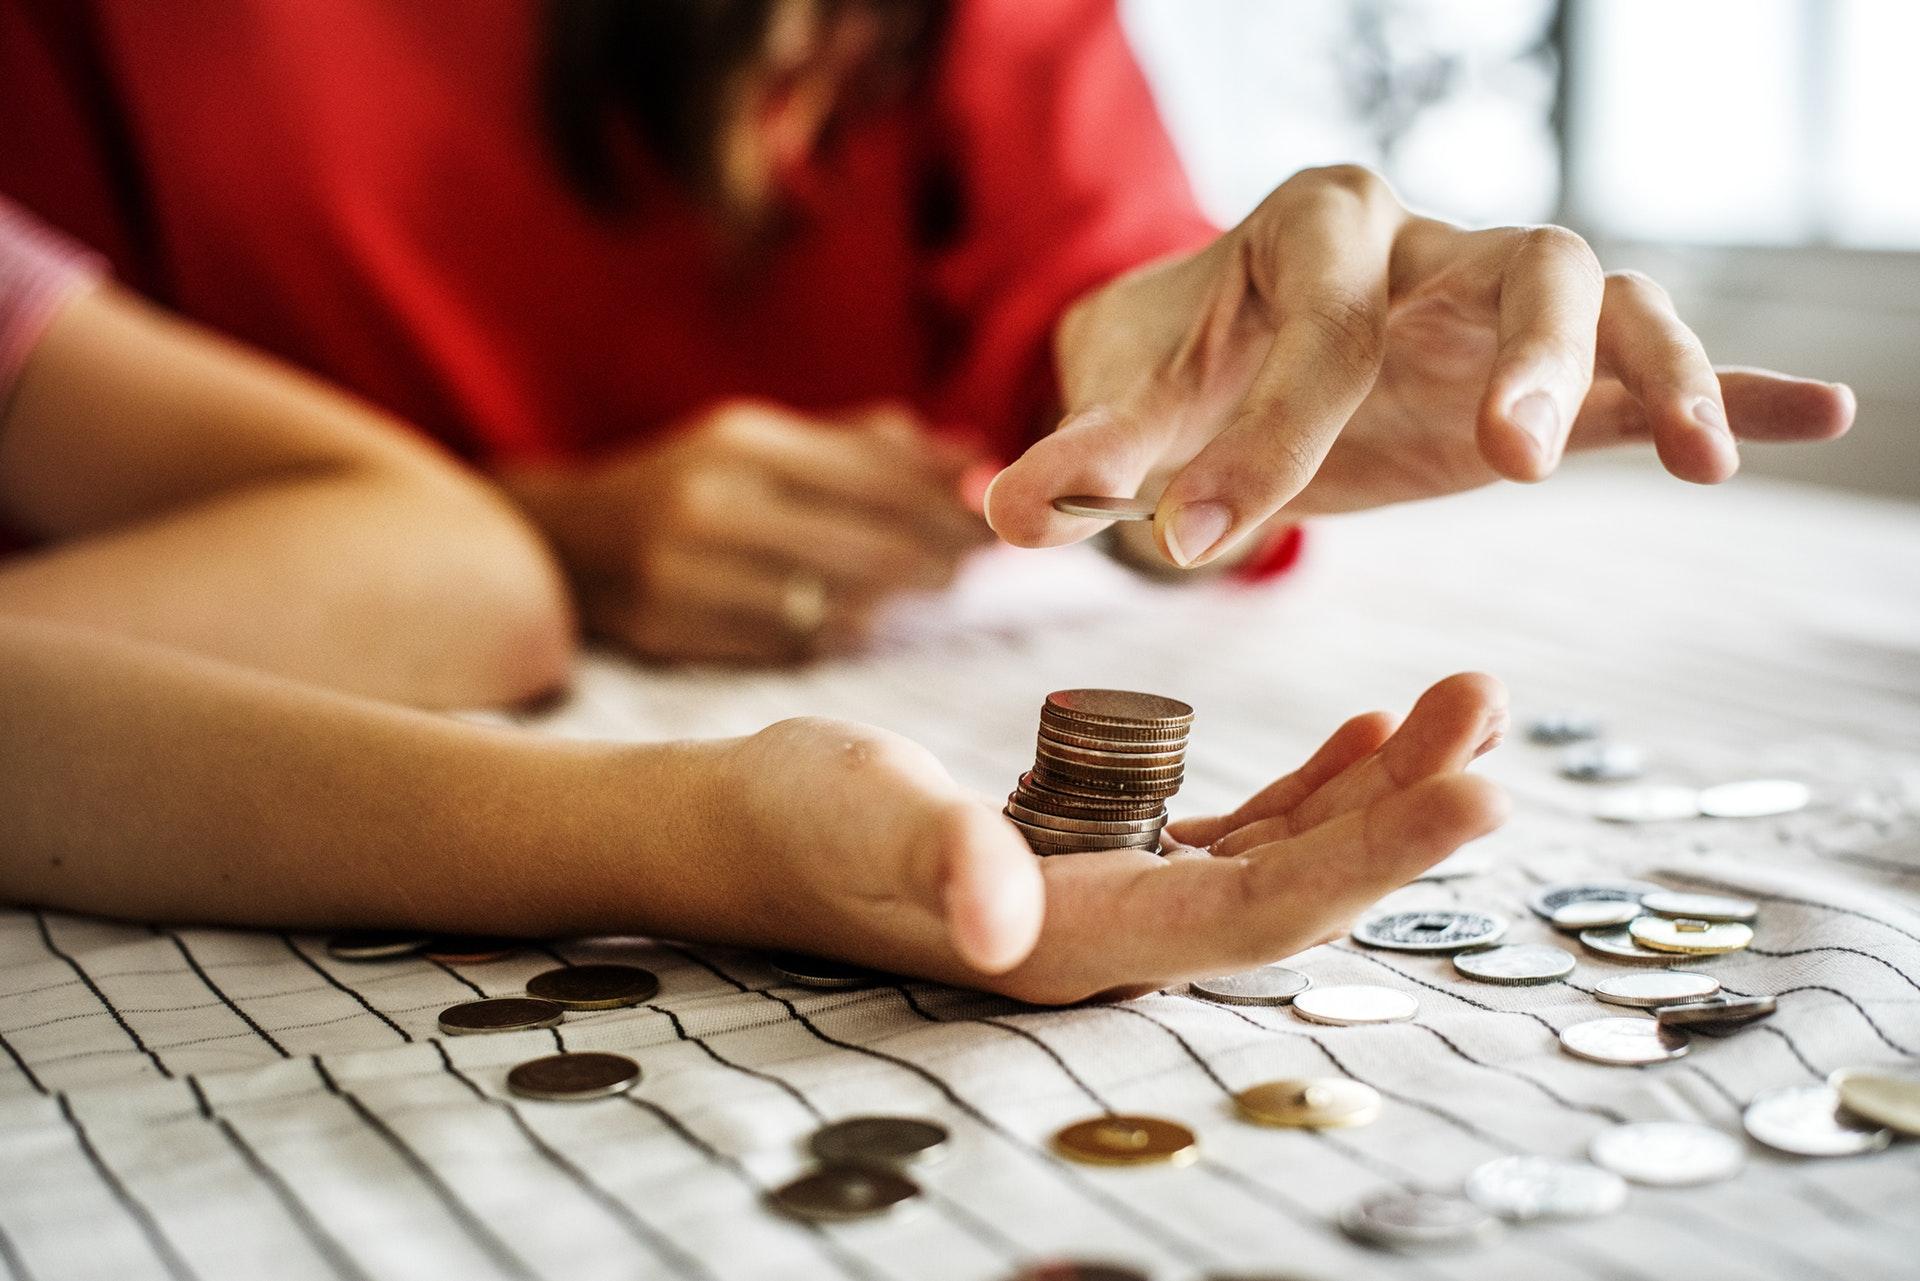 ניהול כסף חכם: שרטוט מפת ההשקעות שלכם